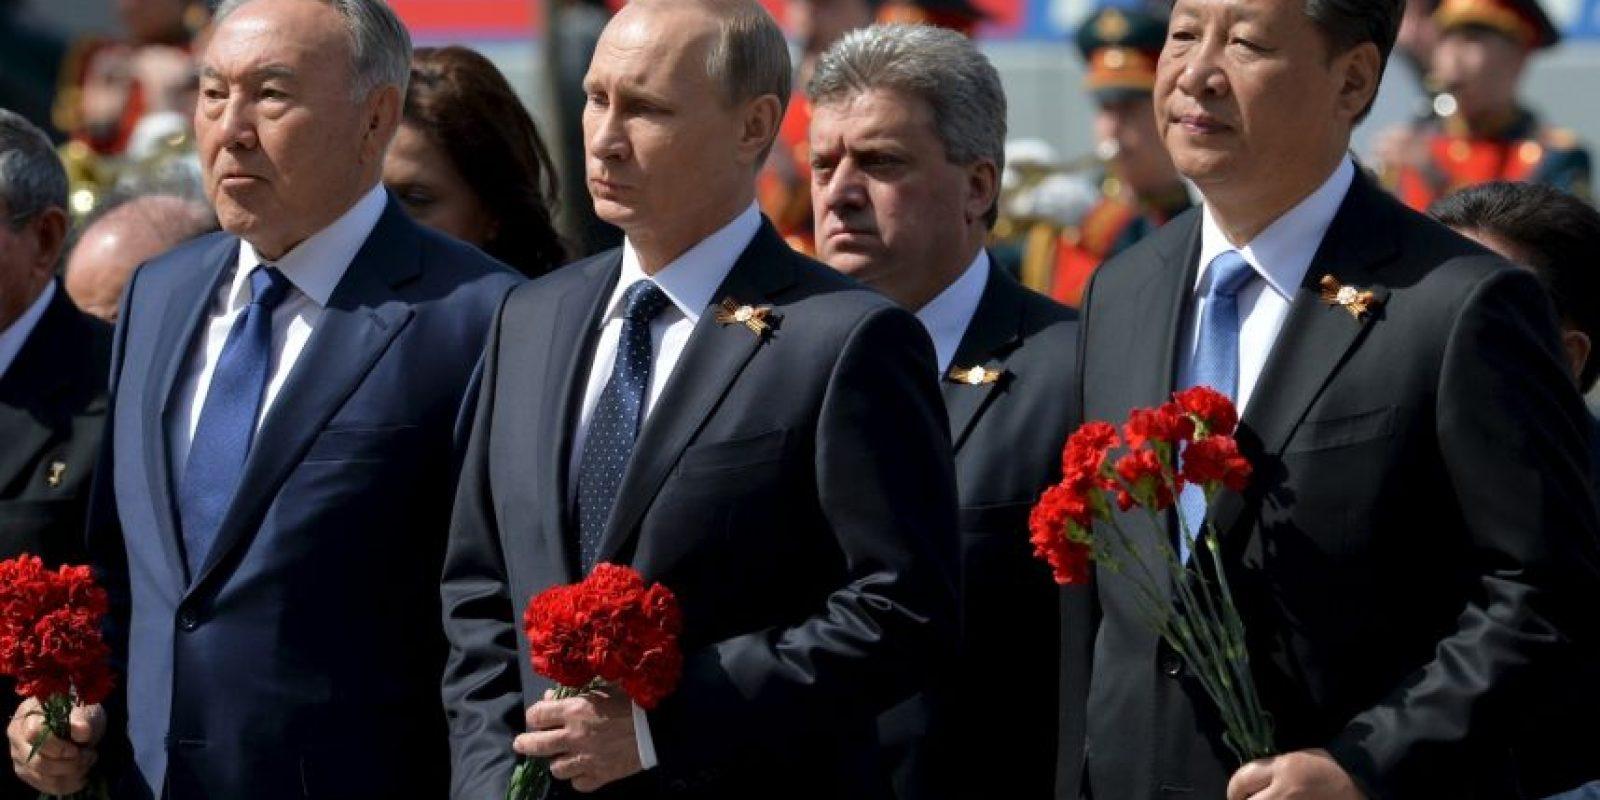 Moscú conmemora el 70 aniversario de la victoria en la Segunda Guerra Mundial. Foto:Getty Images